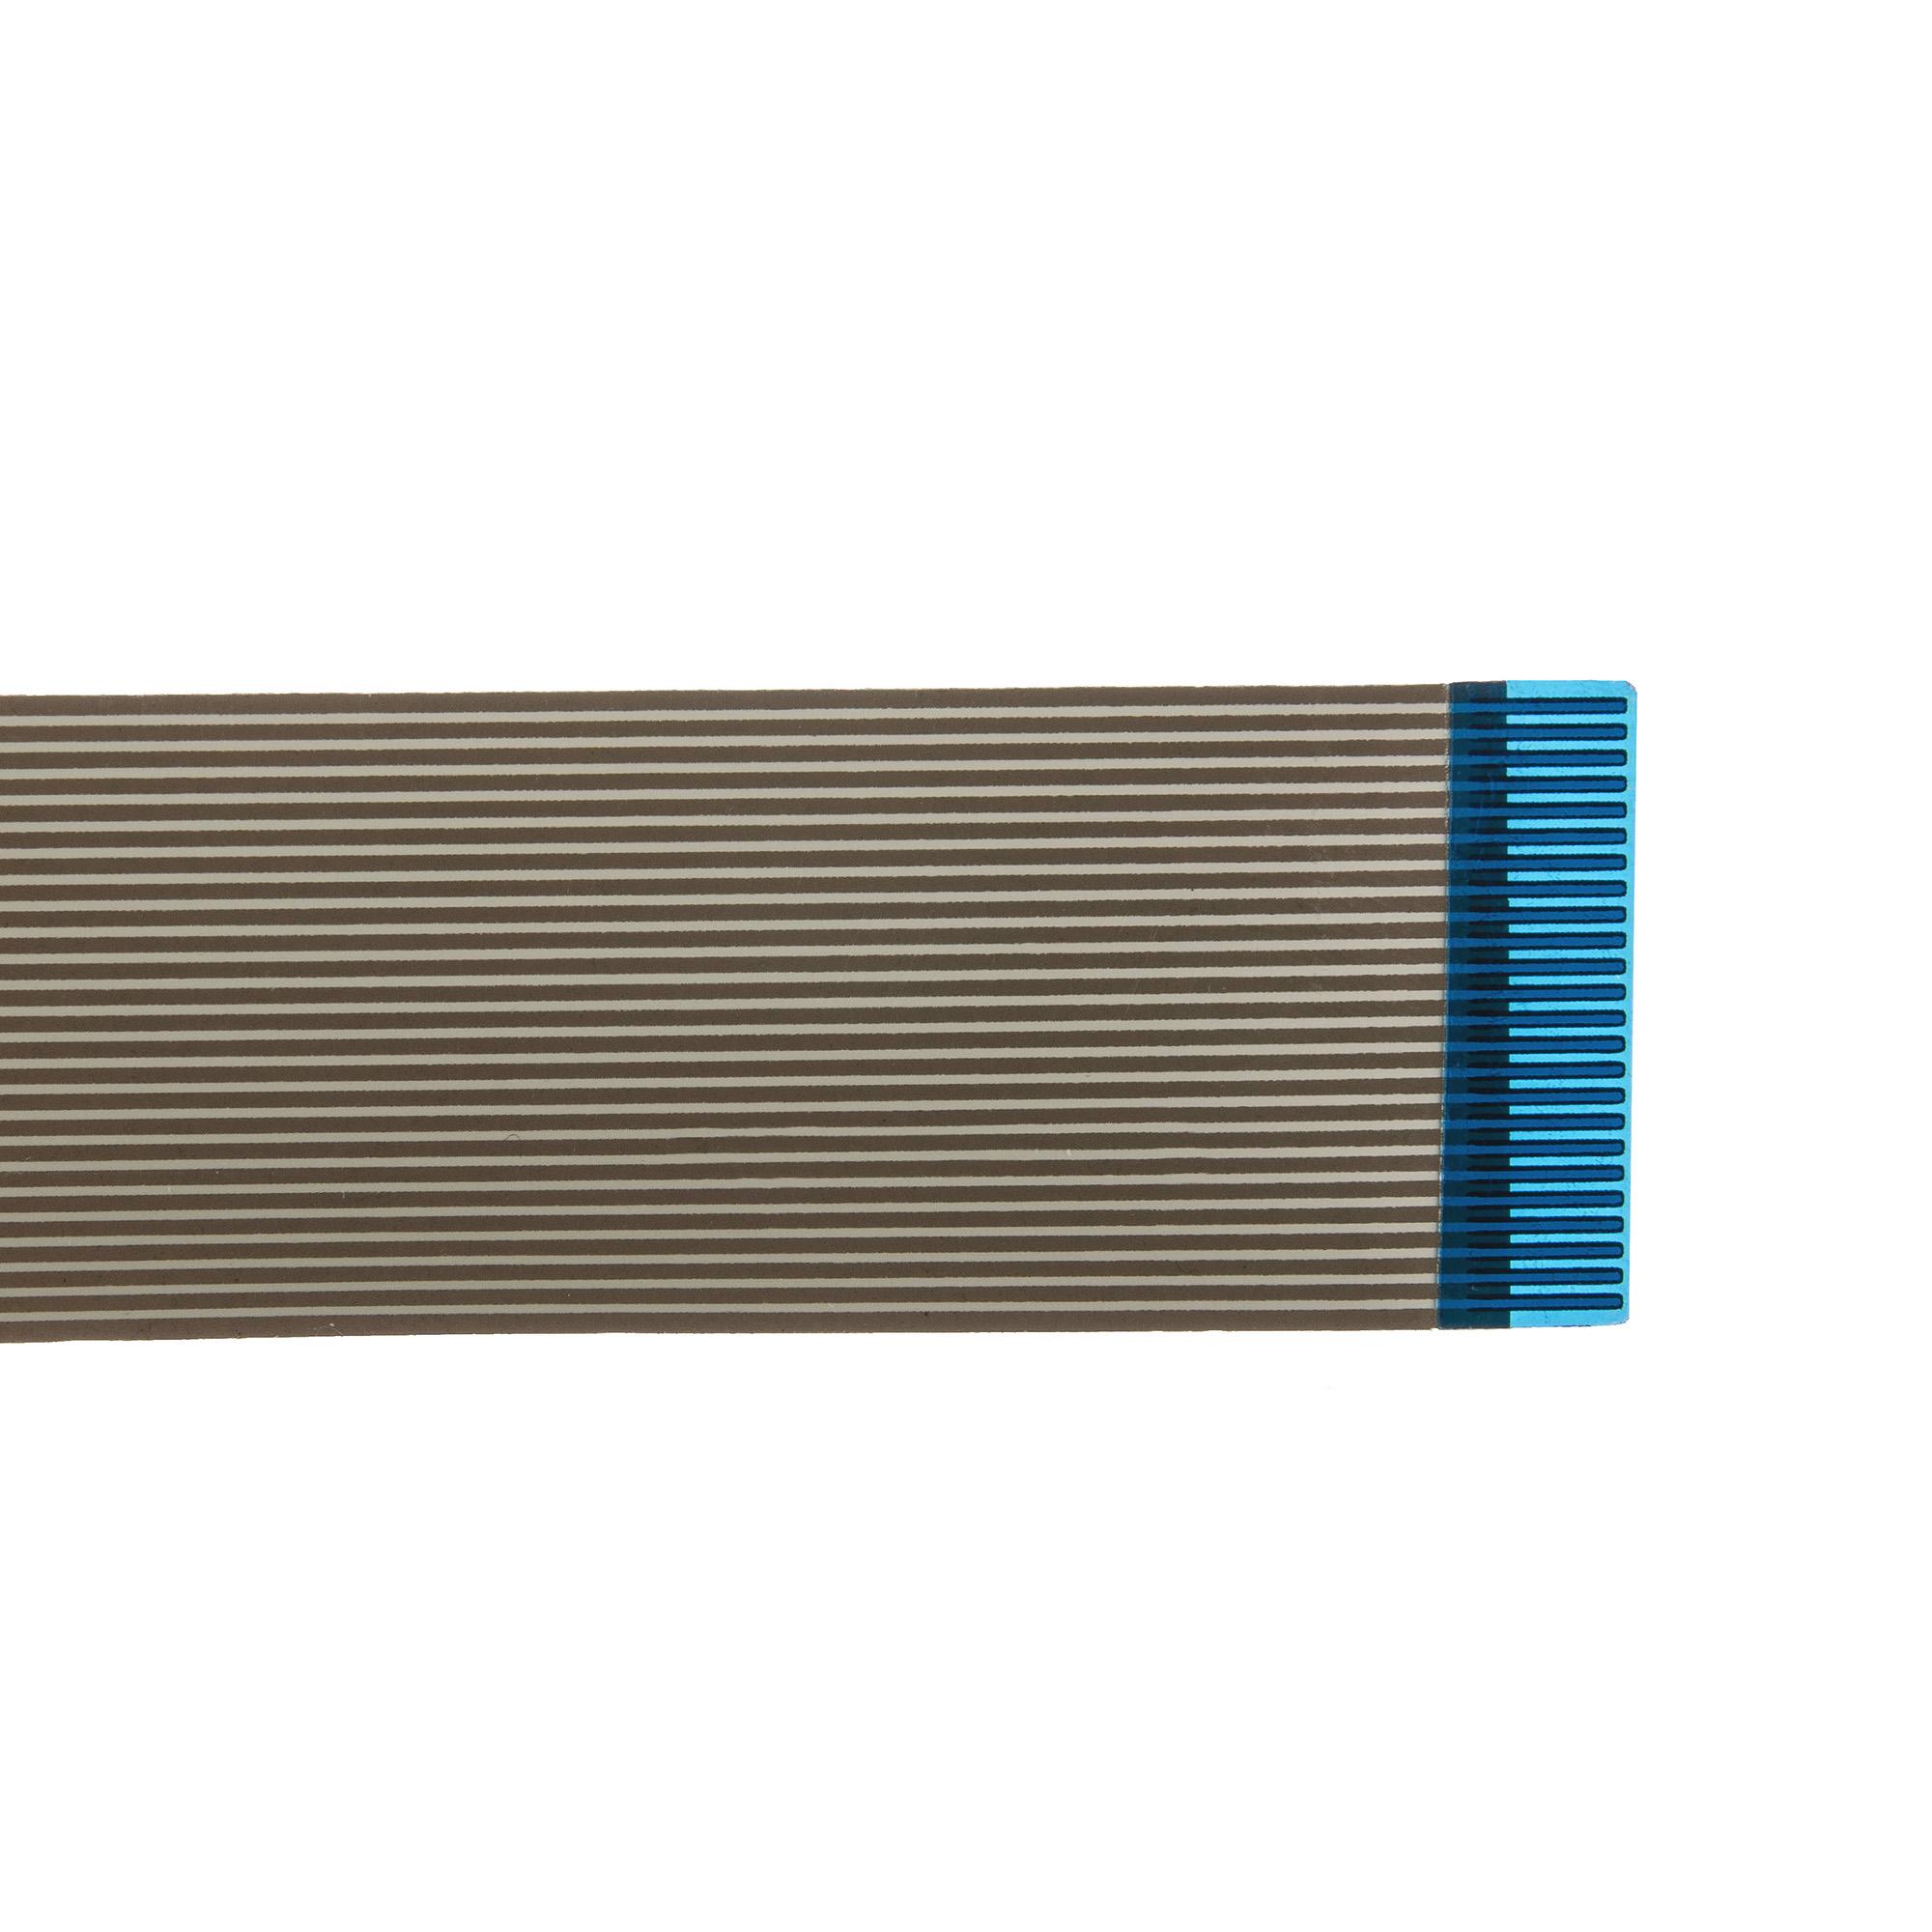 Clavier-pour-Ordinateur-Portable-Asus-N53TA-N73SM-N90SV-UL50VF-QWERTZ